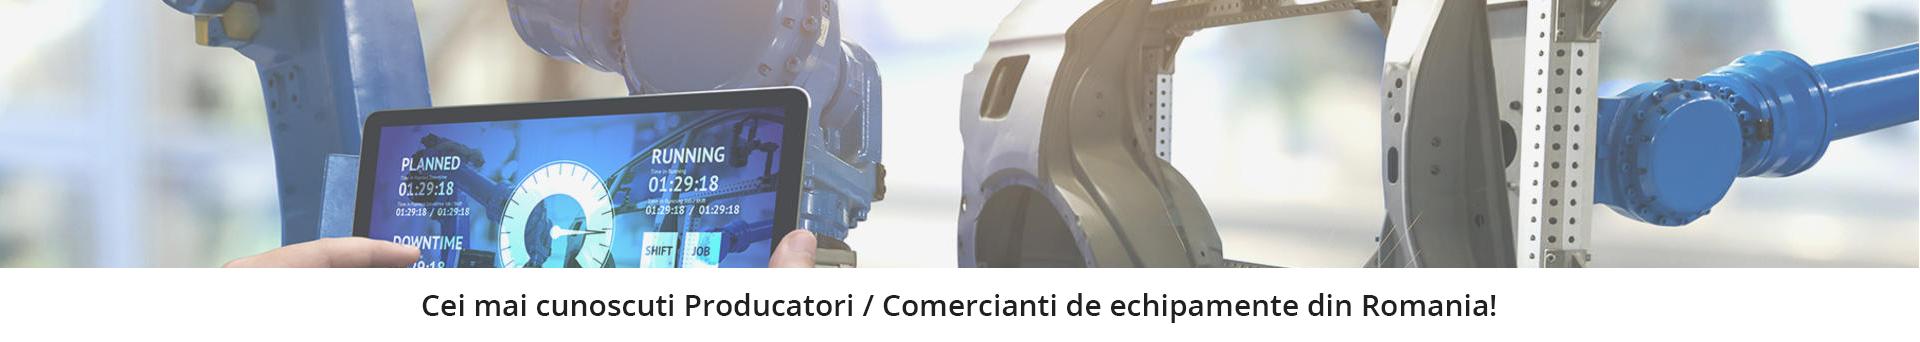 Cei mai cunoscuti Producatori / Comercianti de echipamente din Romania!